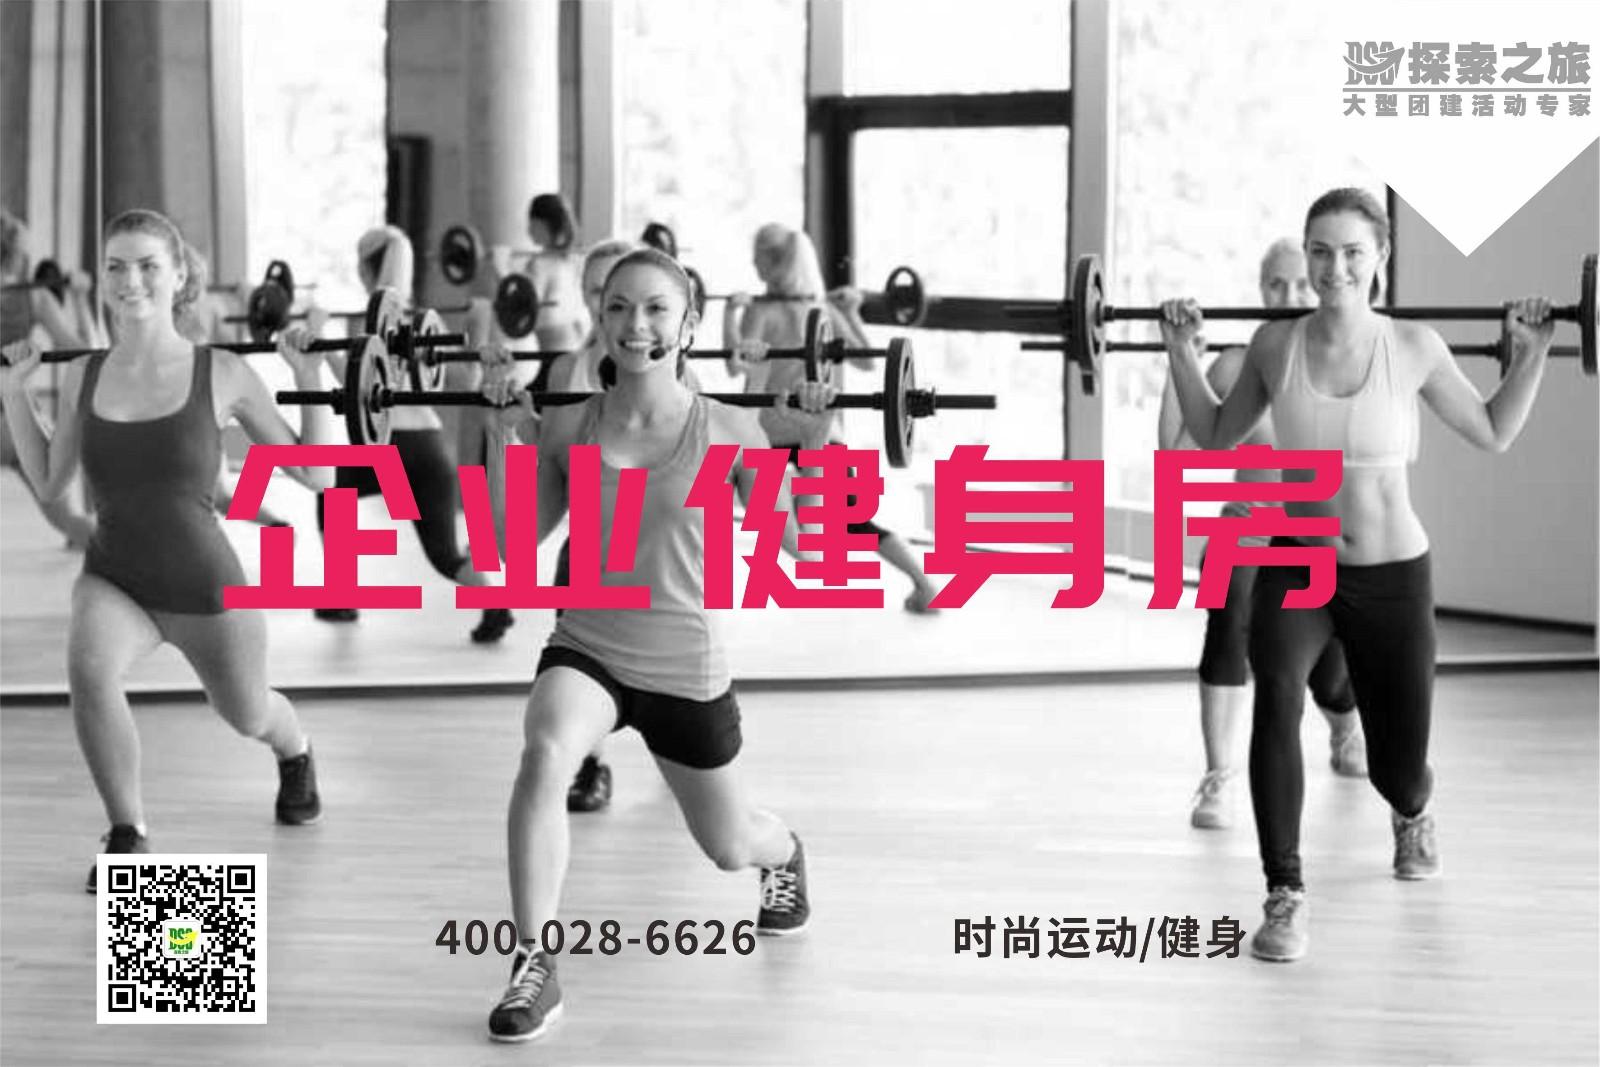 【微团建】企业健身房